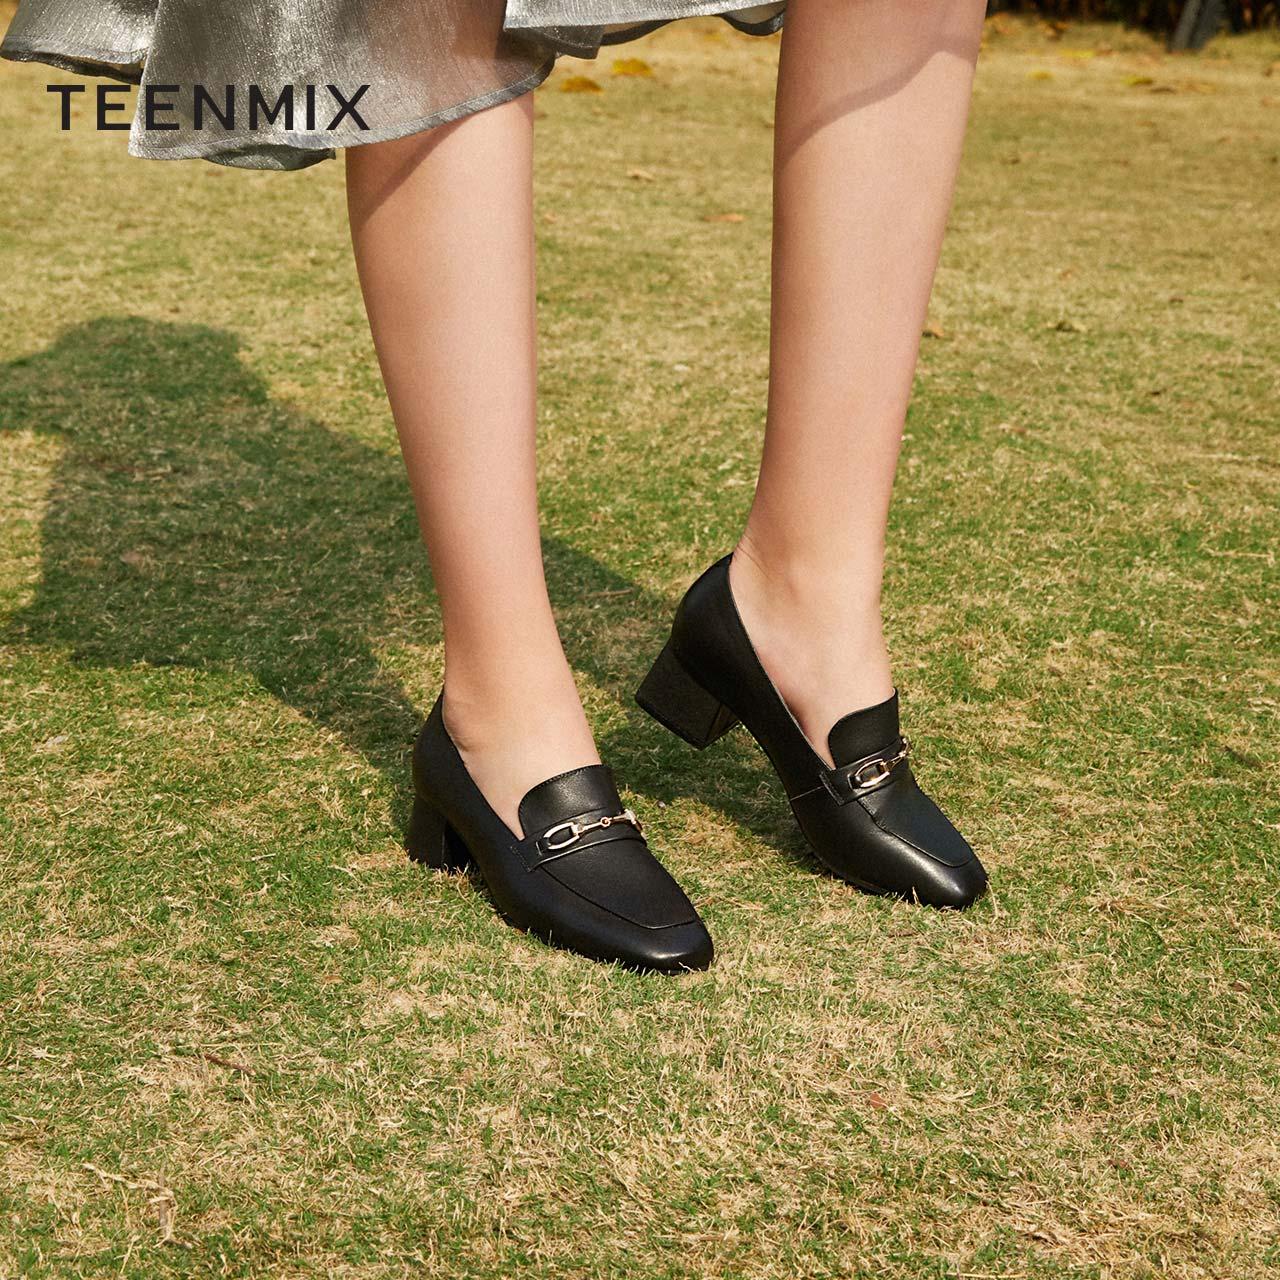 T9892AQ0 春季新款英伦复古单鞋 2020 天美意粗跟马衔扣乐福鞋女方头